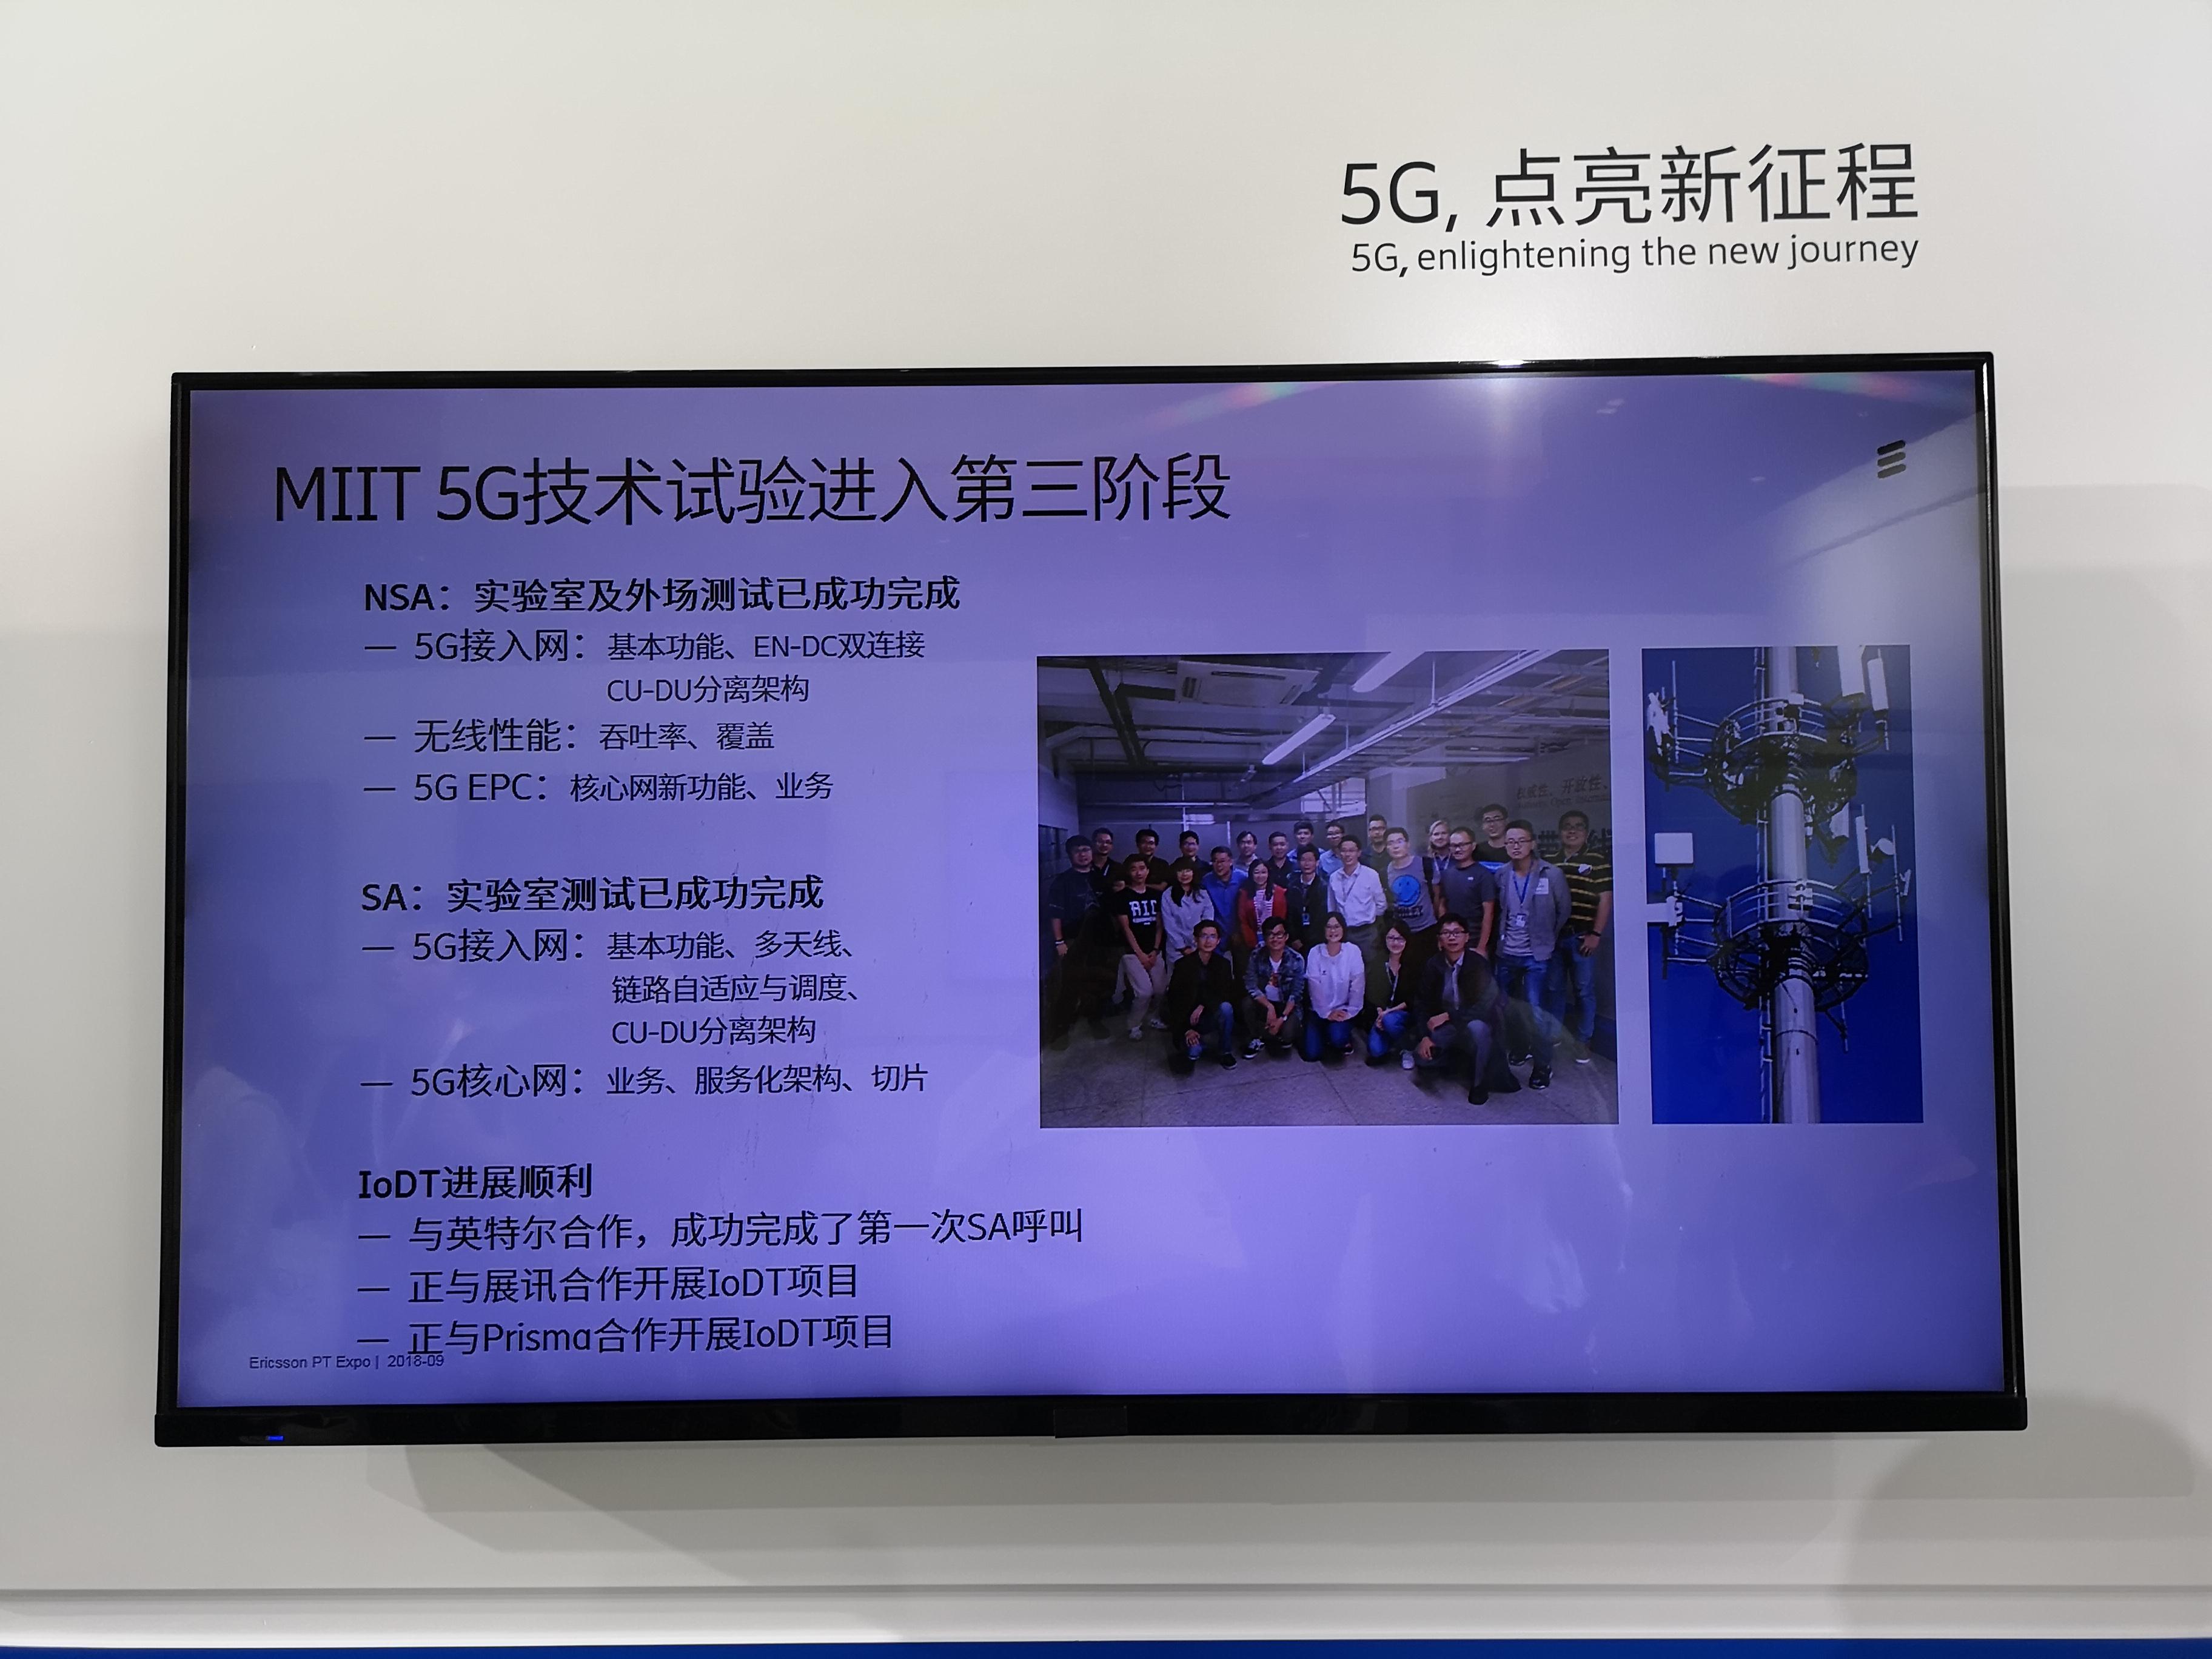 爱立信亮相2018中国国际信息通信展 开启5G无限商机